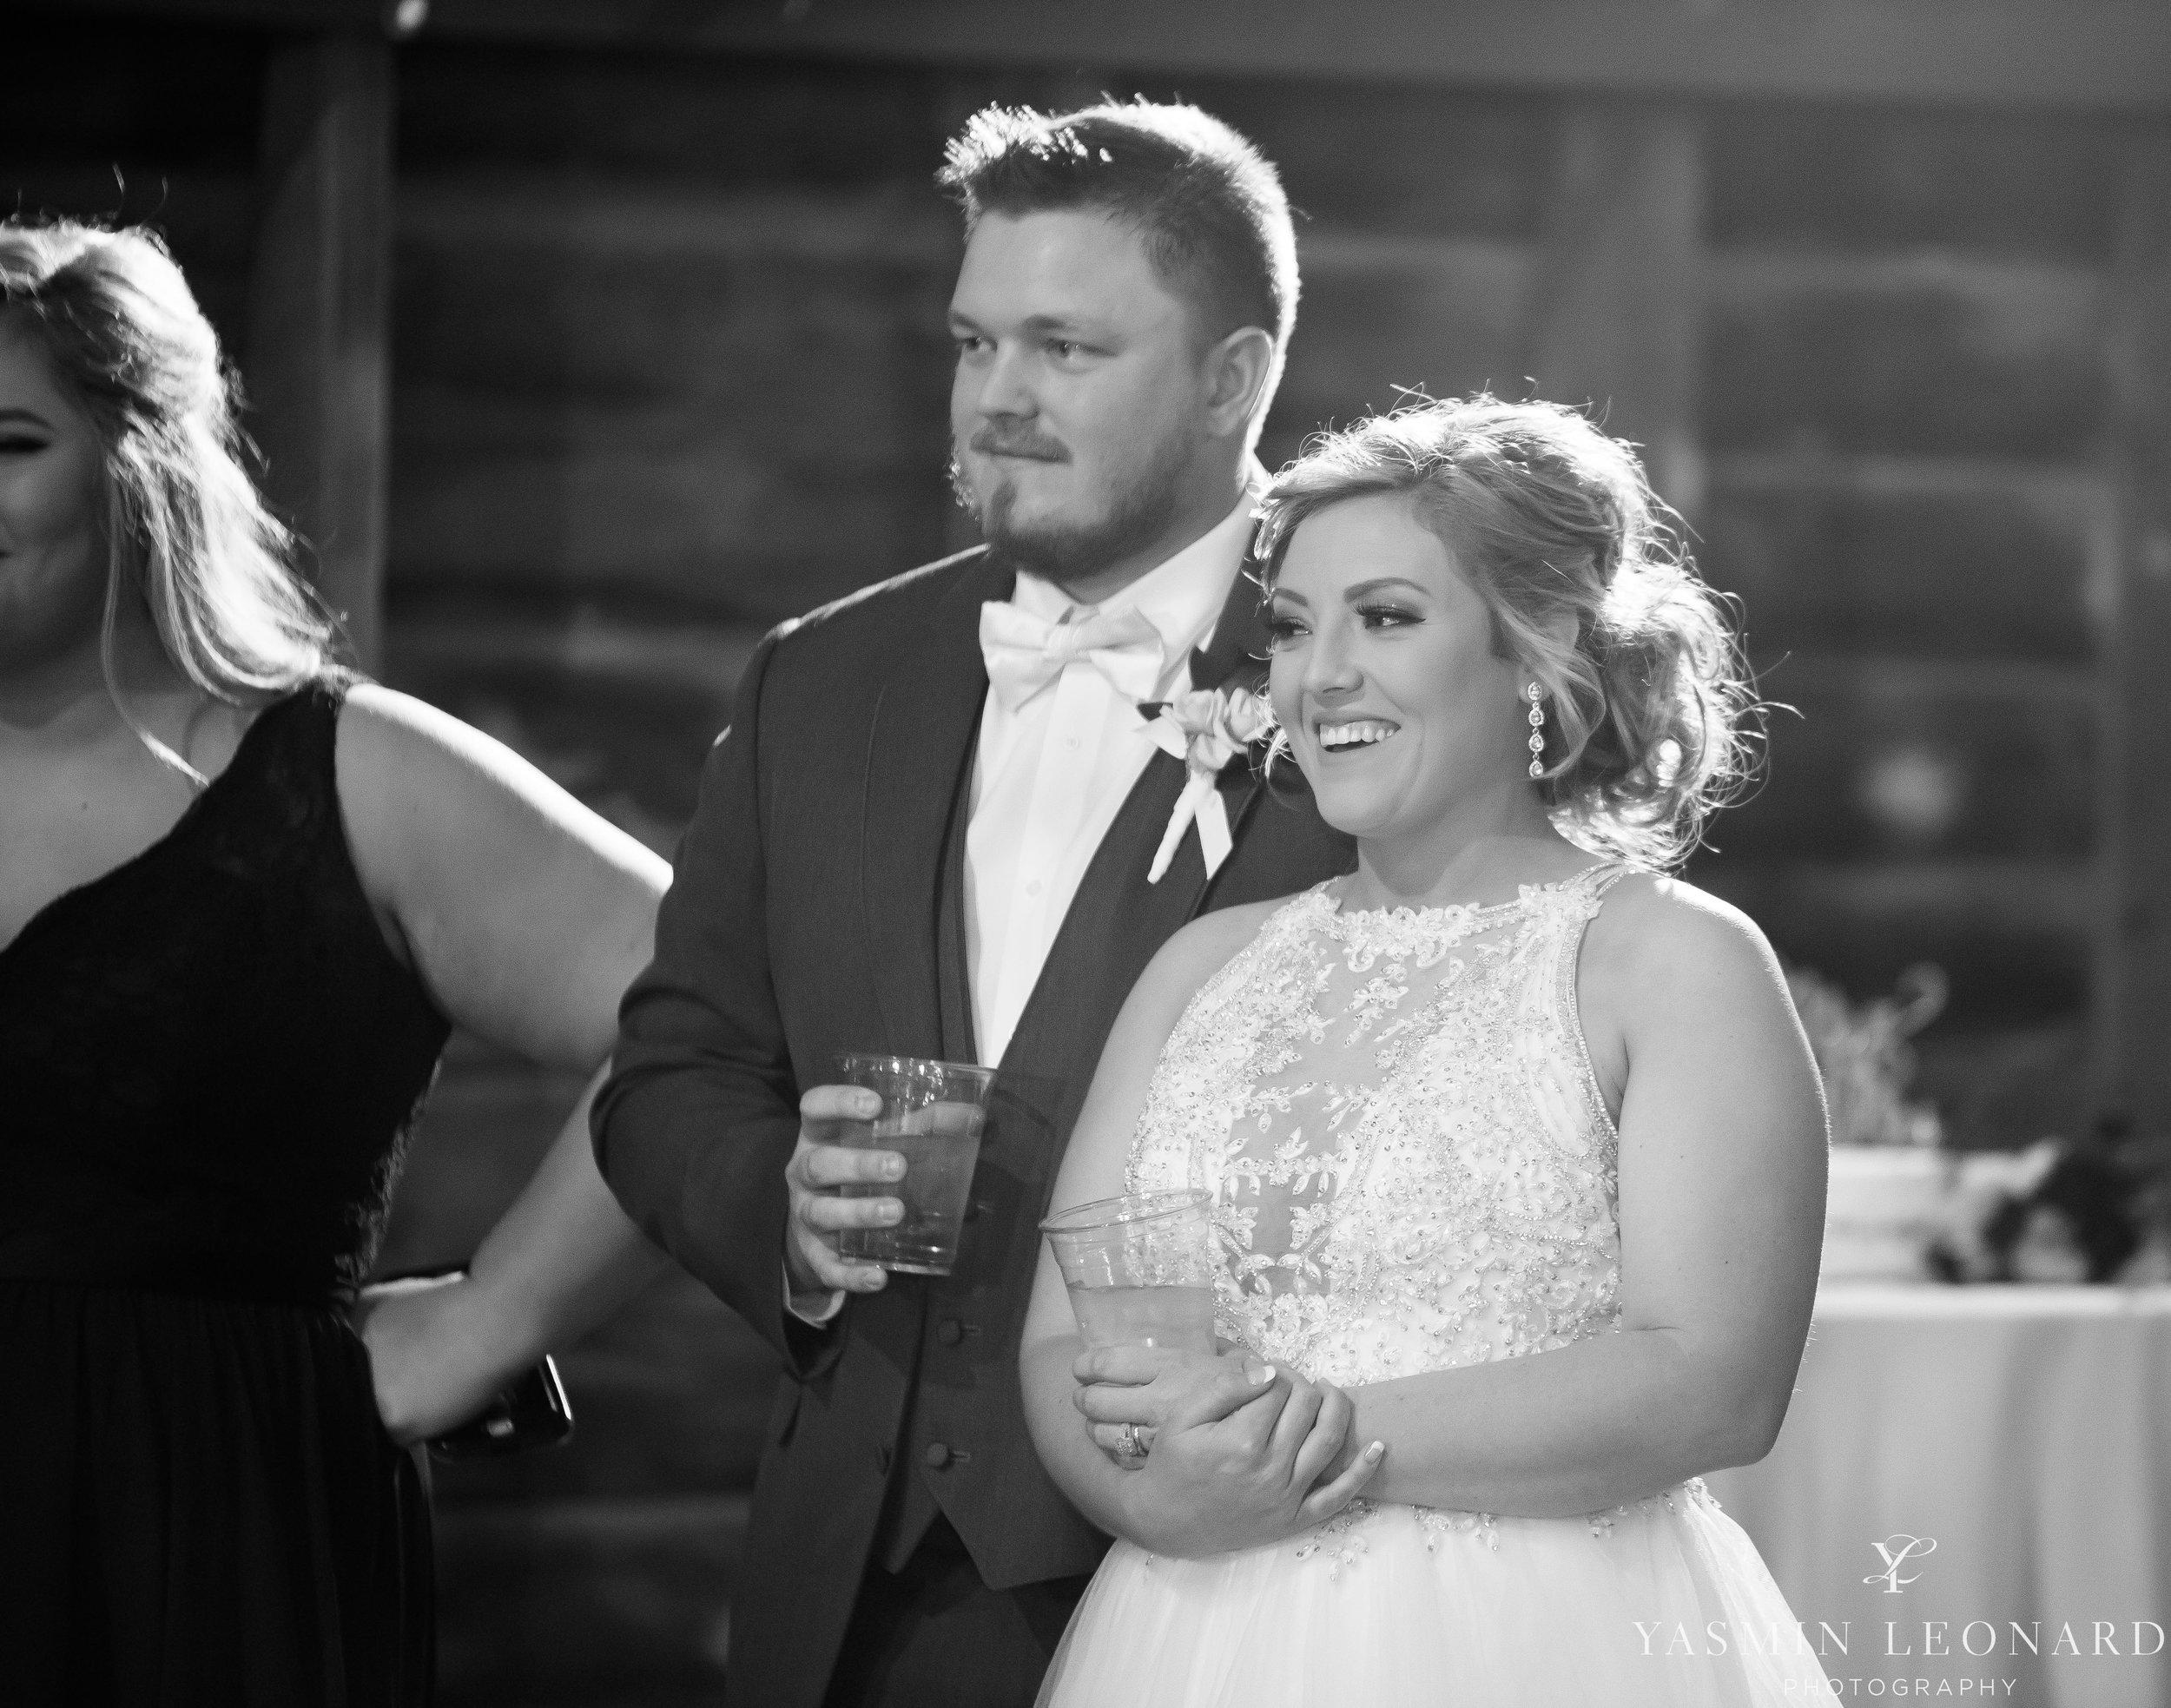 Millikan Farms - Millikan Farms Wedding - Sophia NC Wedding - NC Wedding - NC Wedding Photographer - Yasmin Leonard Photography - High Point Photographer - Barn Wedding - Wedding Venues in NC - Triad Wedding Photographer-74.jpg